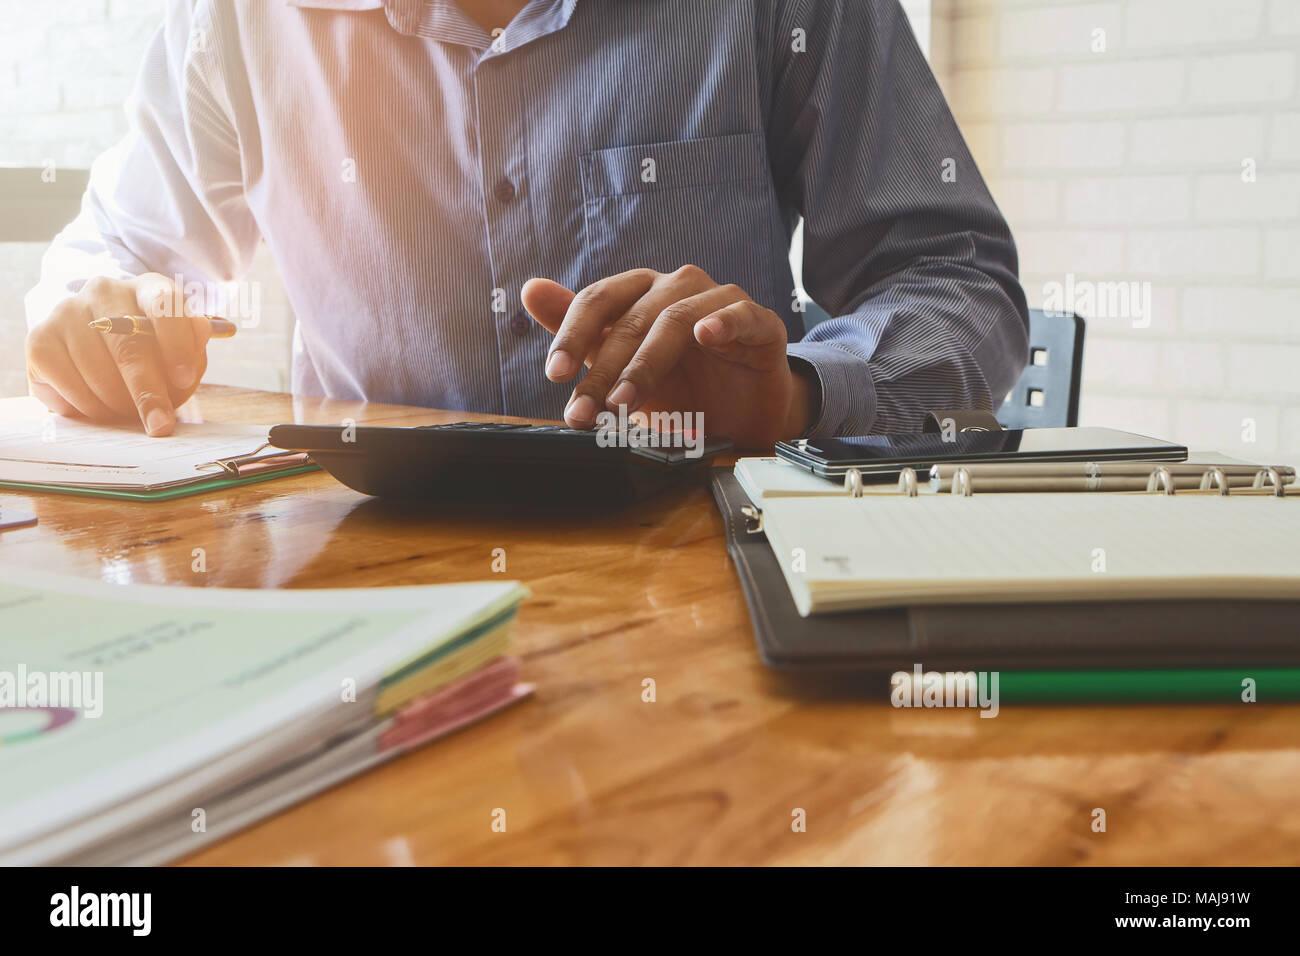 Cerca del empresario con la calculadora de mano. Inversor profesional calcular sobre el coste. Los gerentes de finanzas tarea. Foto de stock